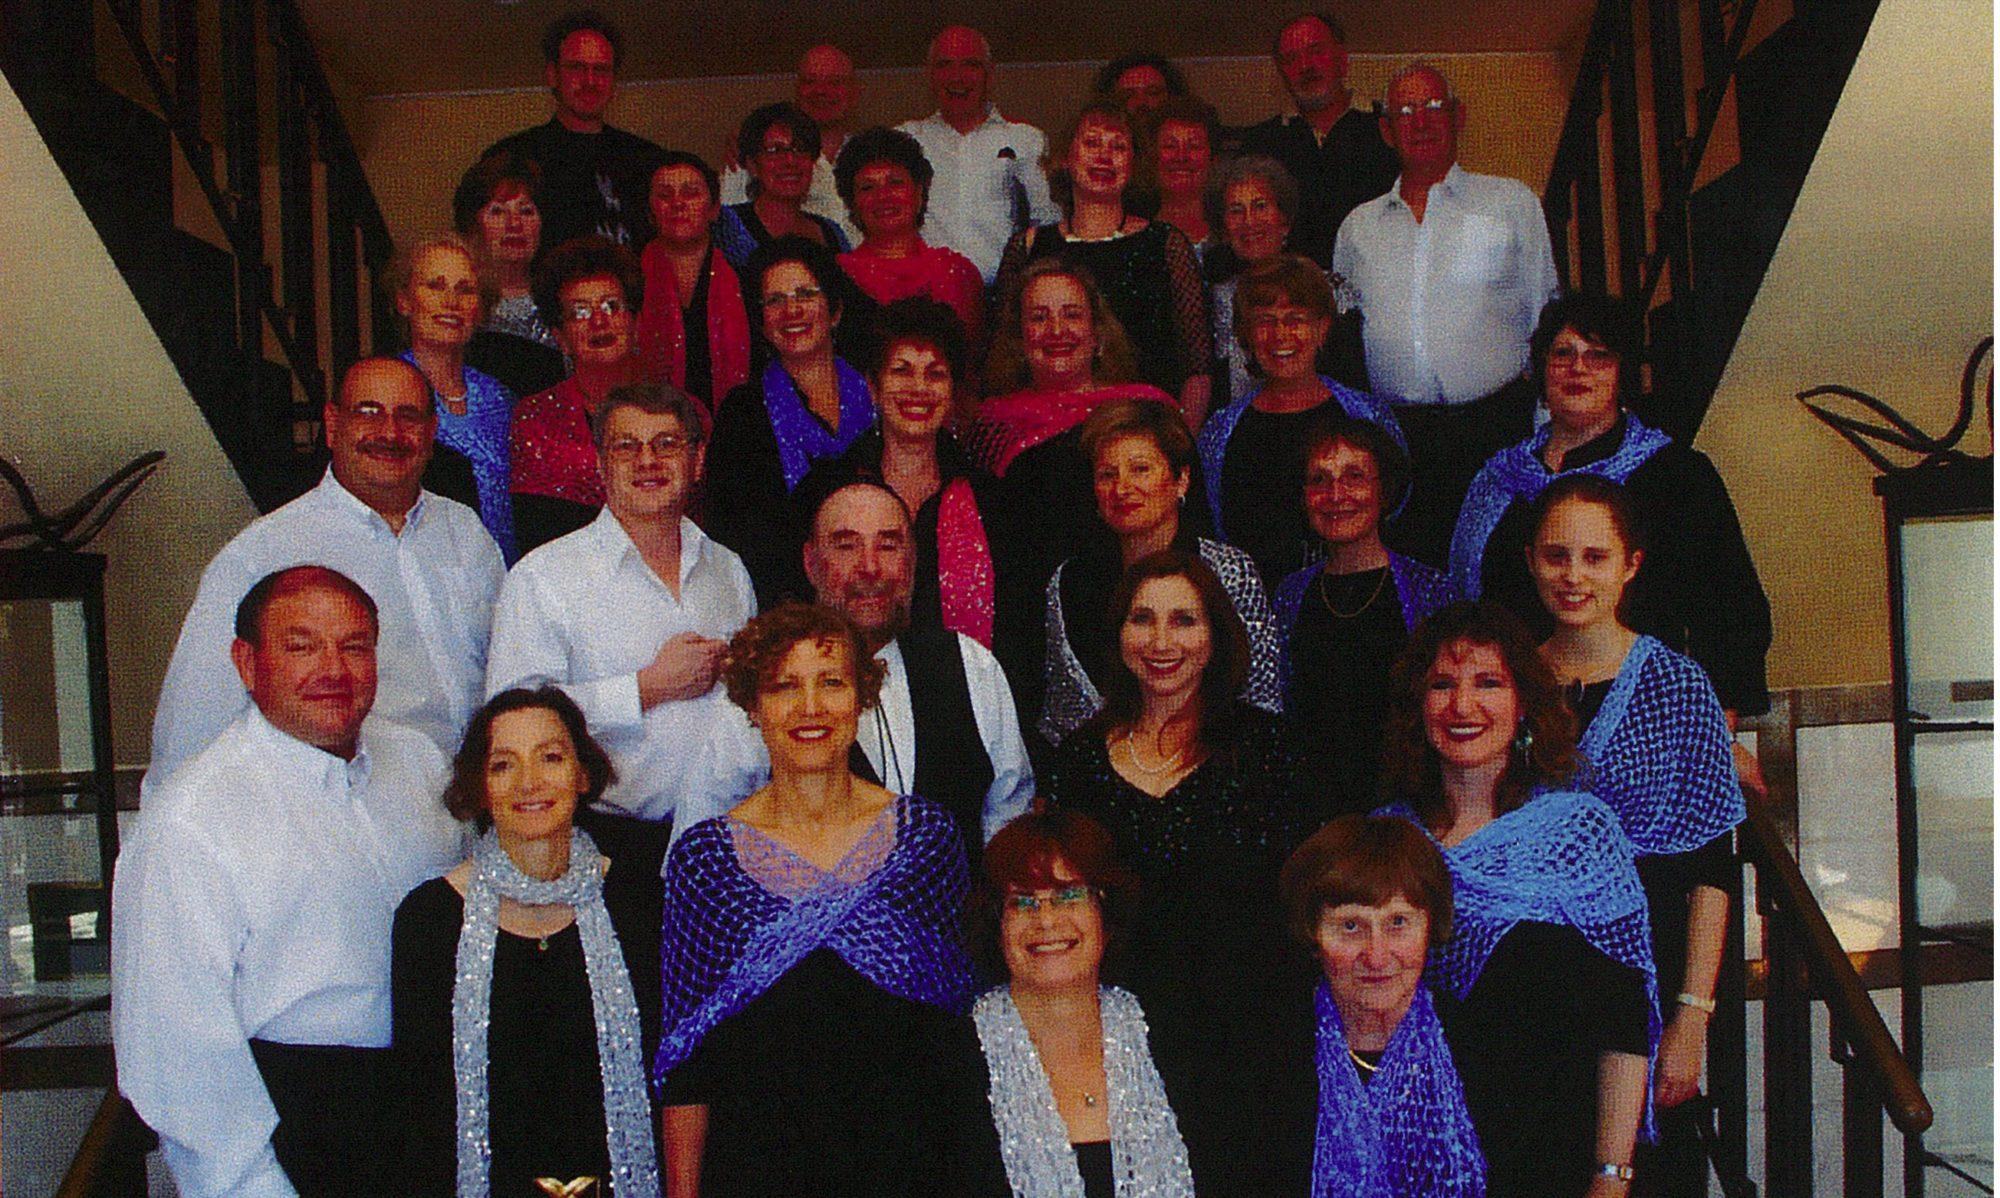 The Liron Choir